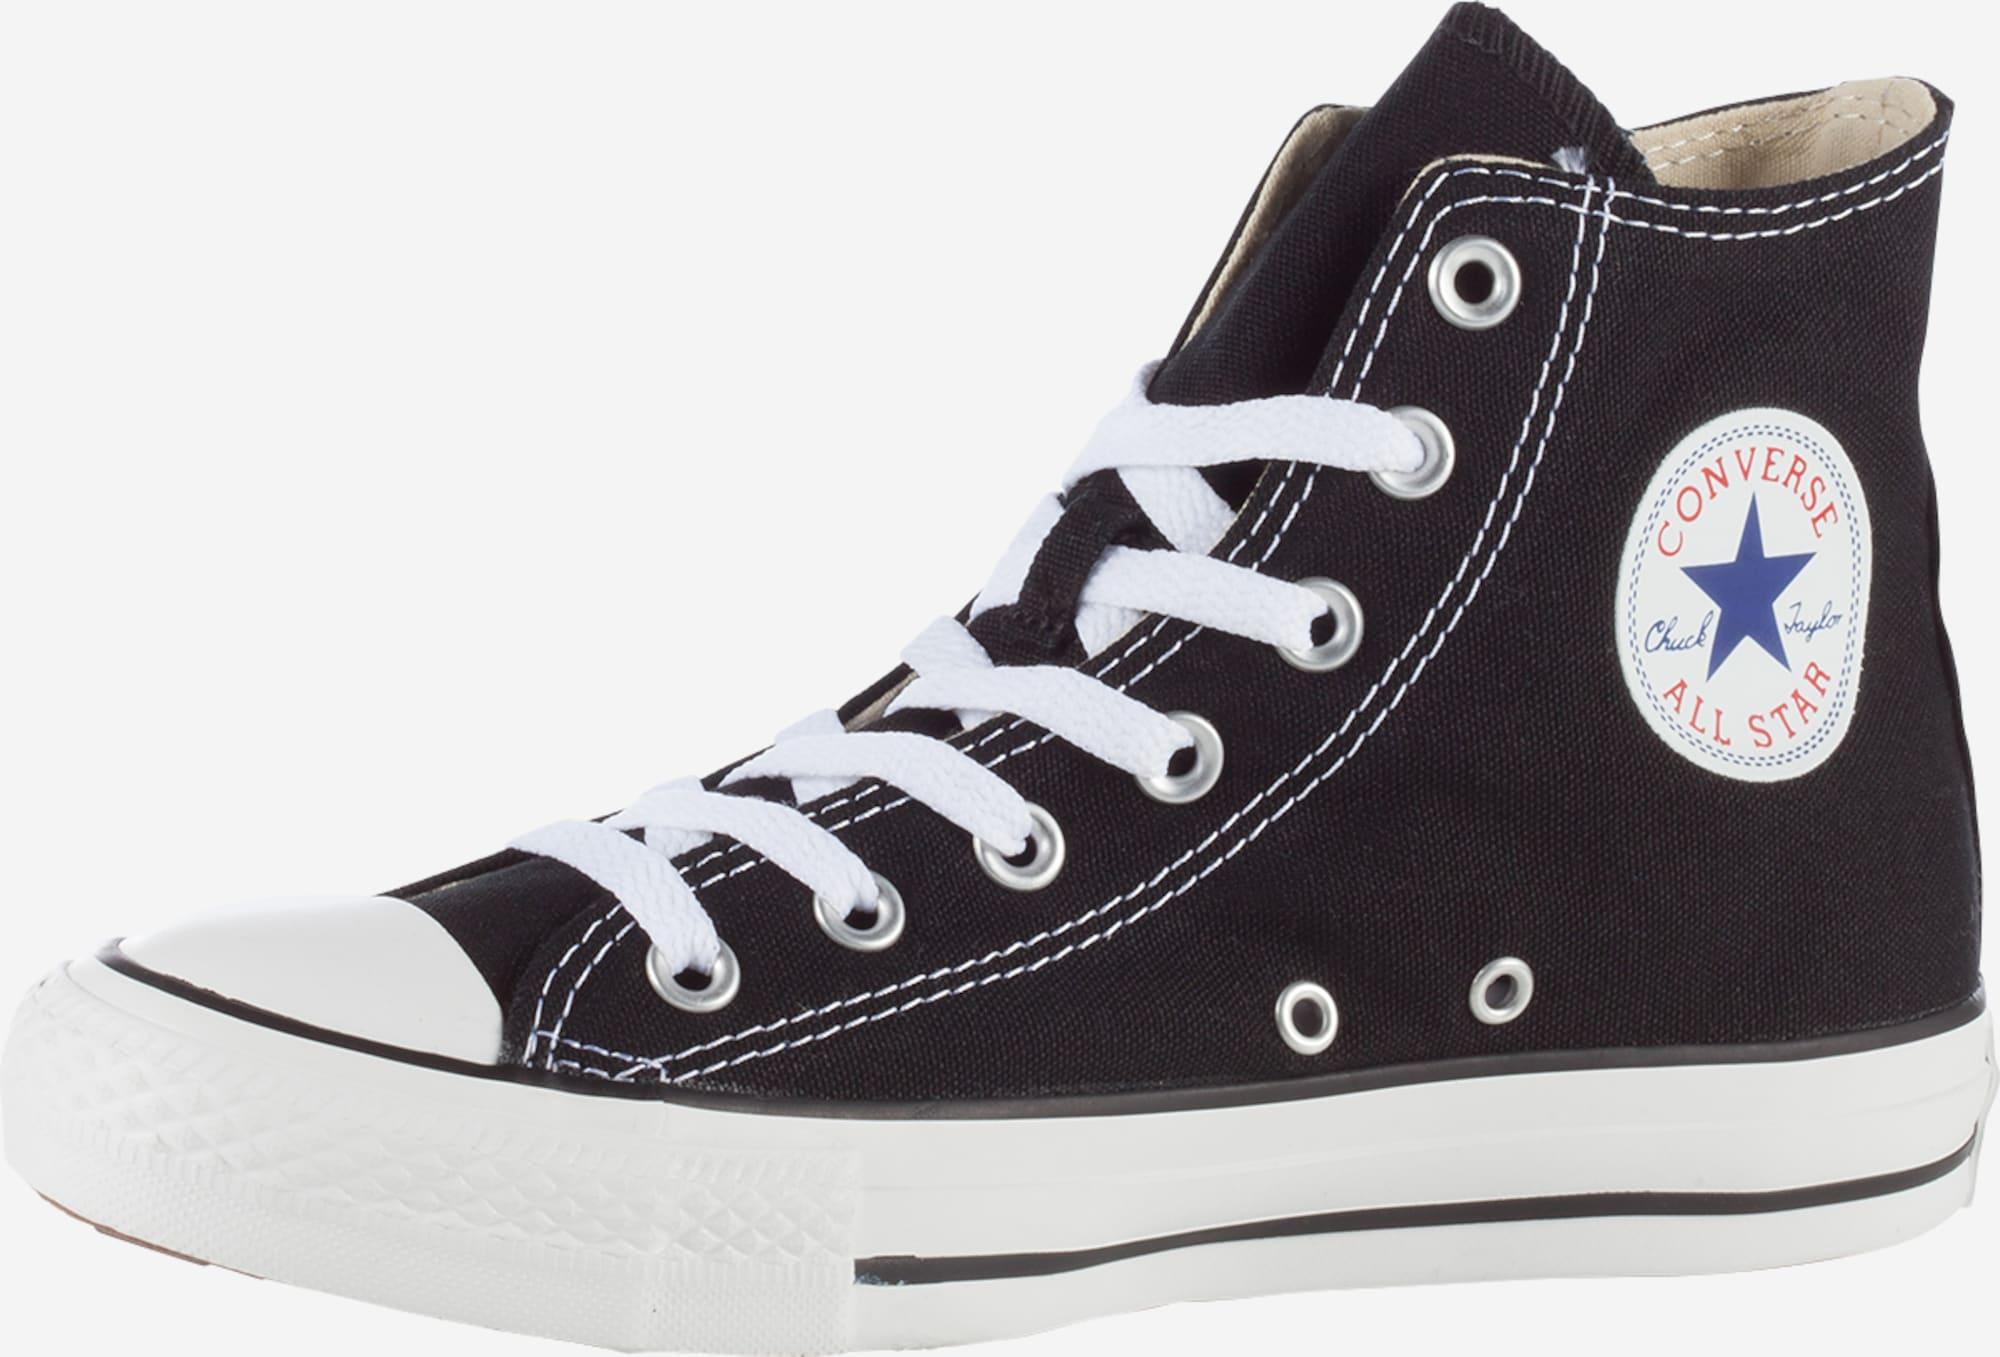 Chaussures Converse Chuck Taylor All Star Hi - noir/blanc (du 35 au 46)